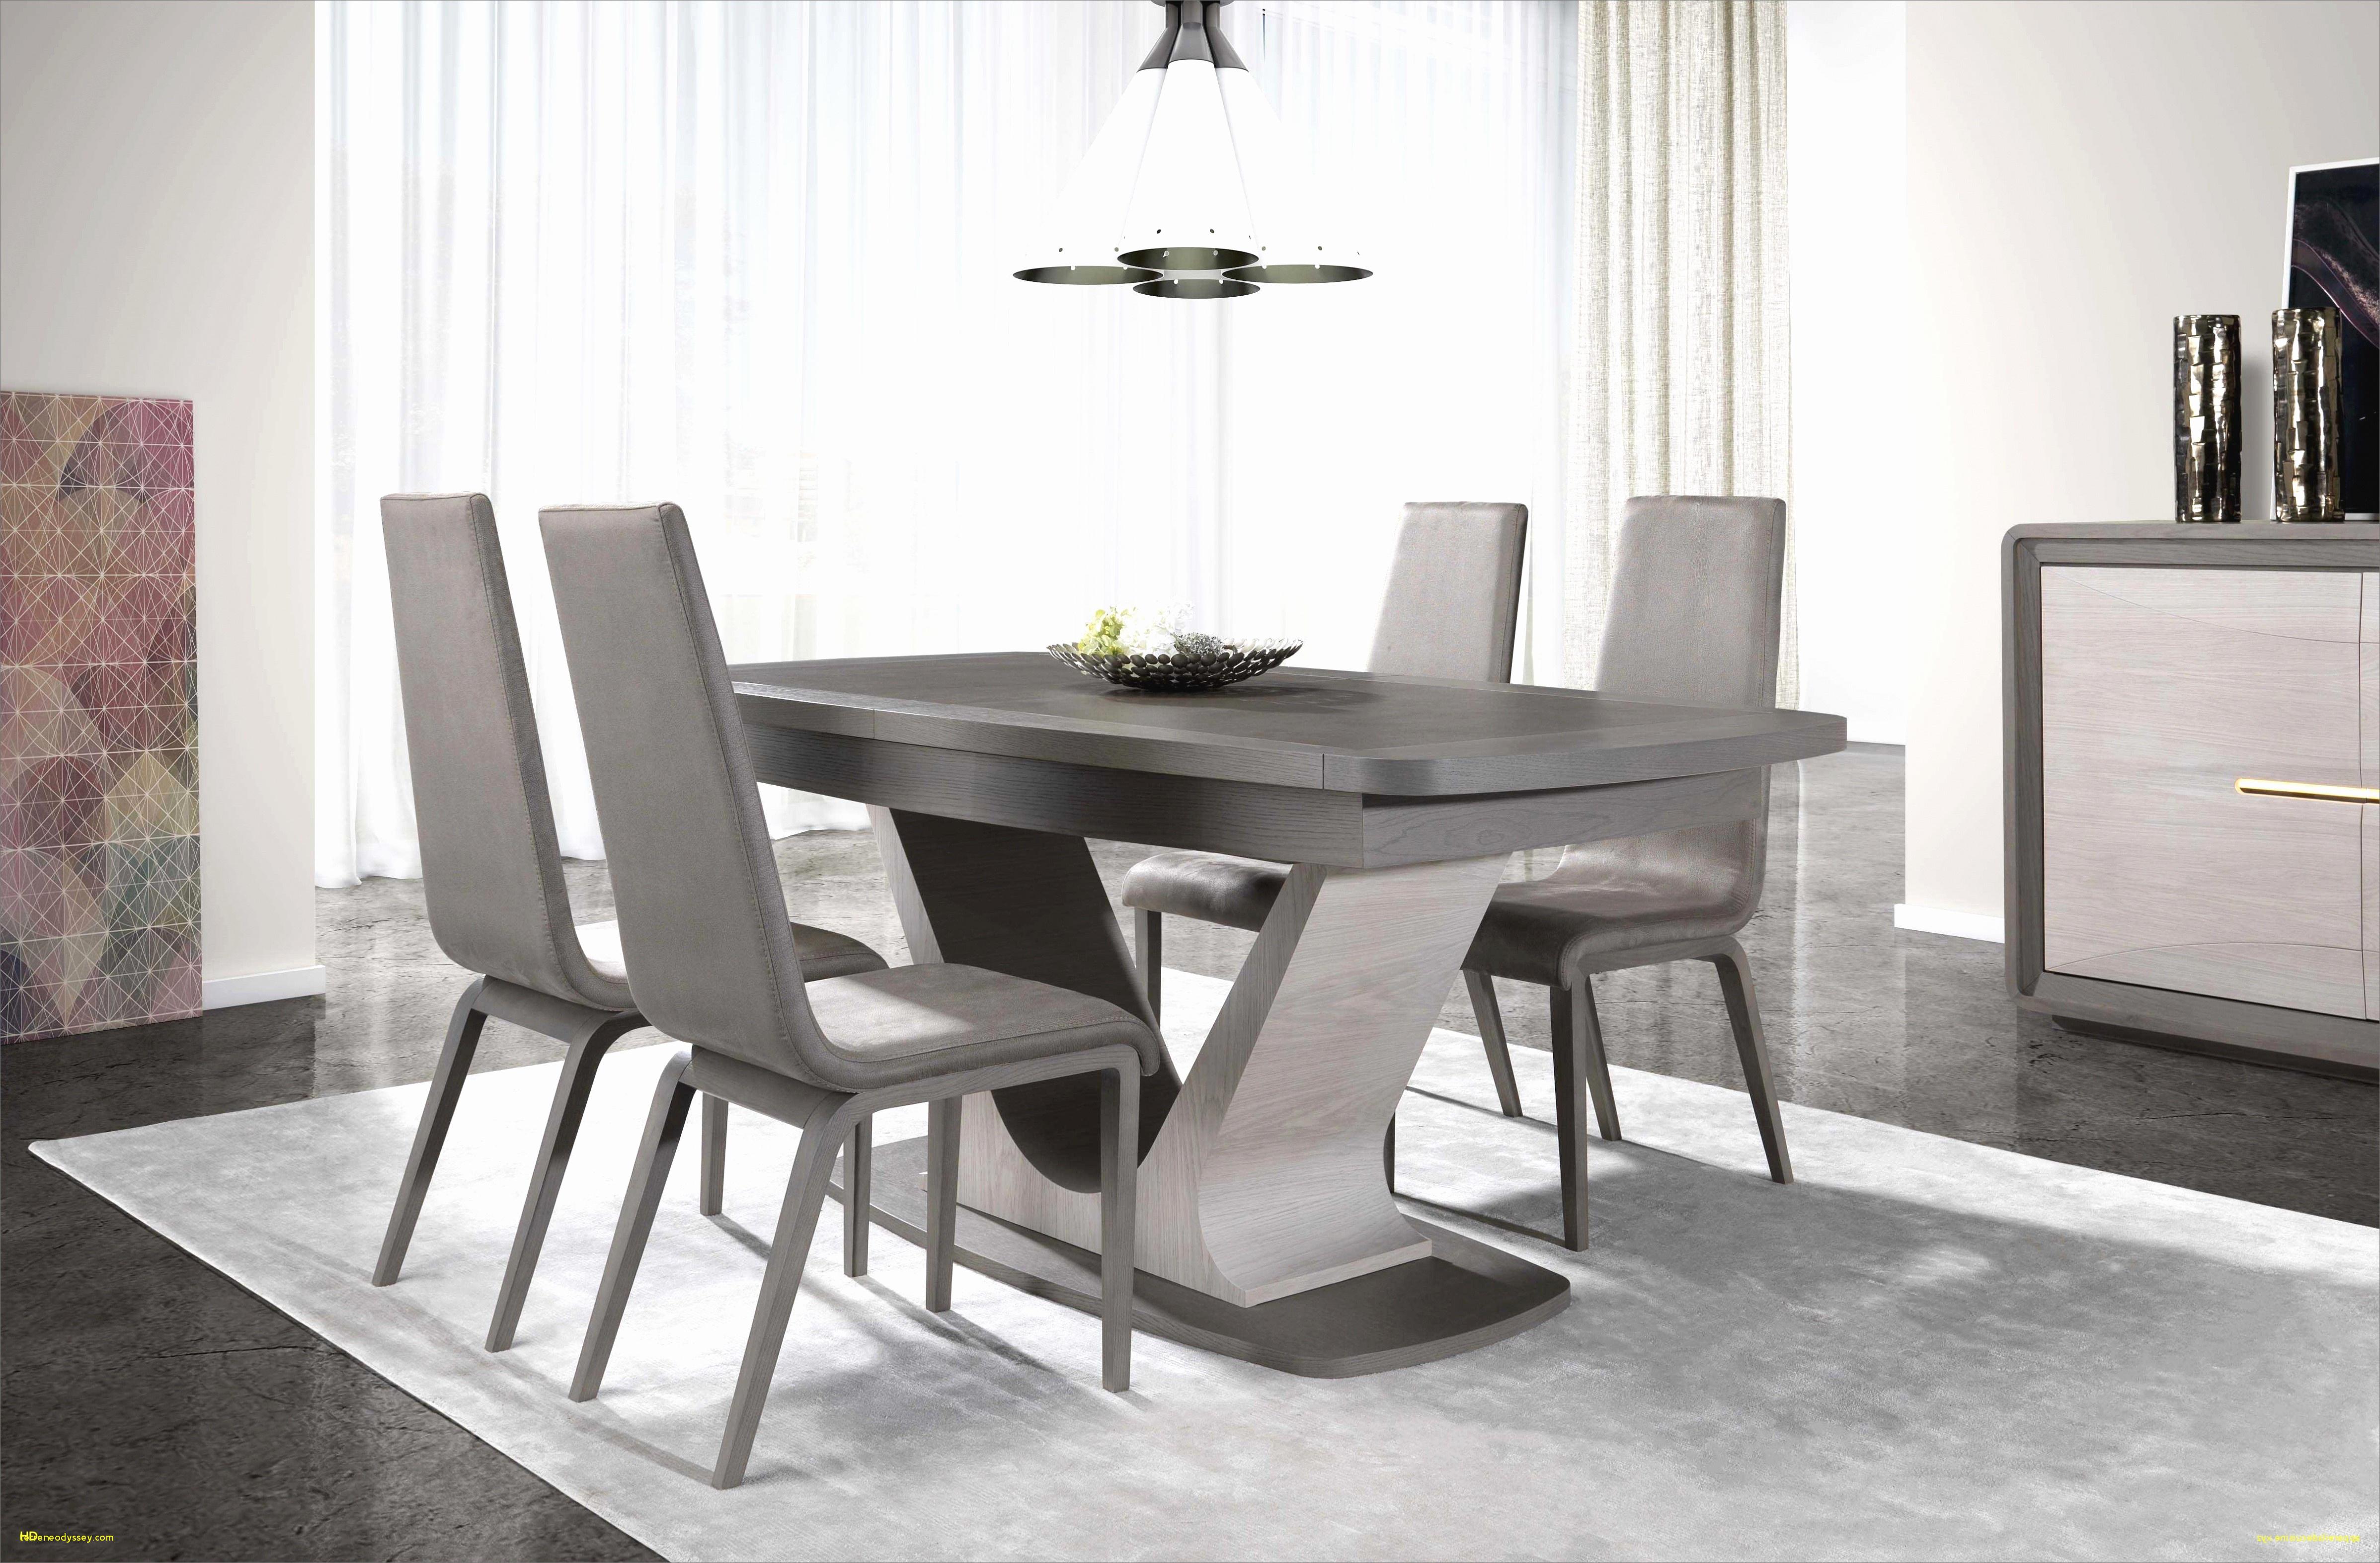 Table Plateau Ceramique Extensible Unique Divin Table Salle avec Table Salle A Manger Plateau Ceramique